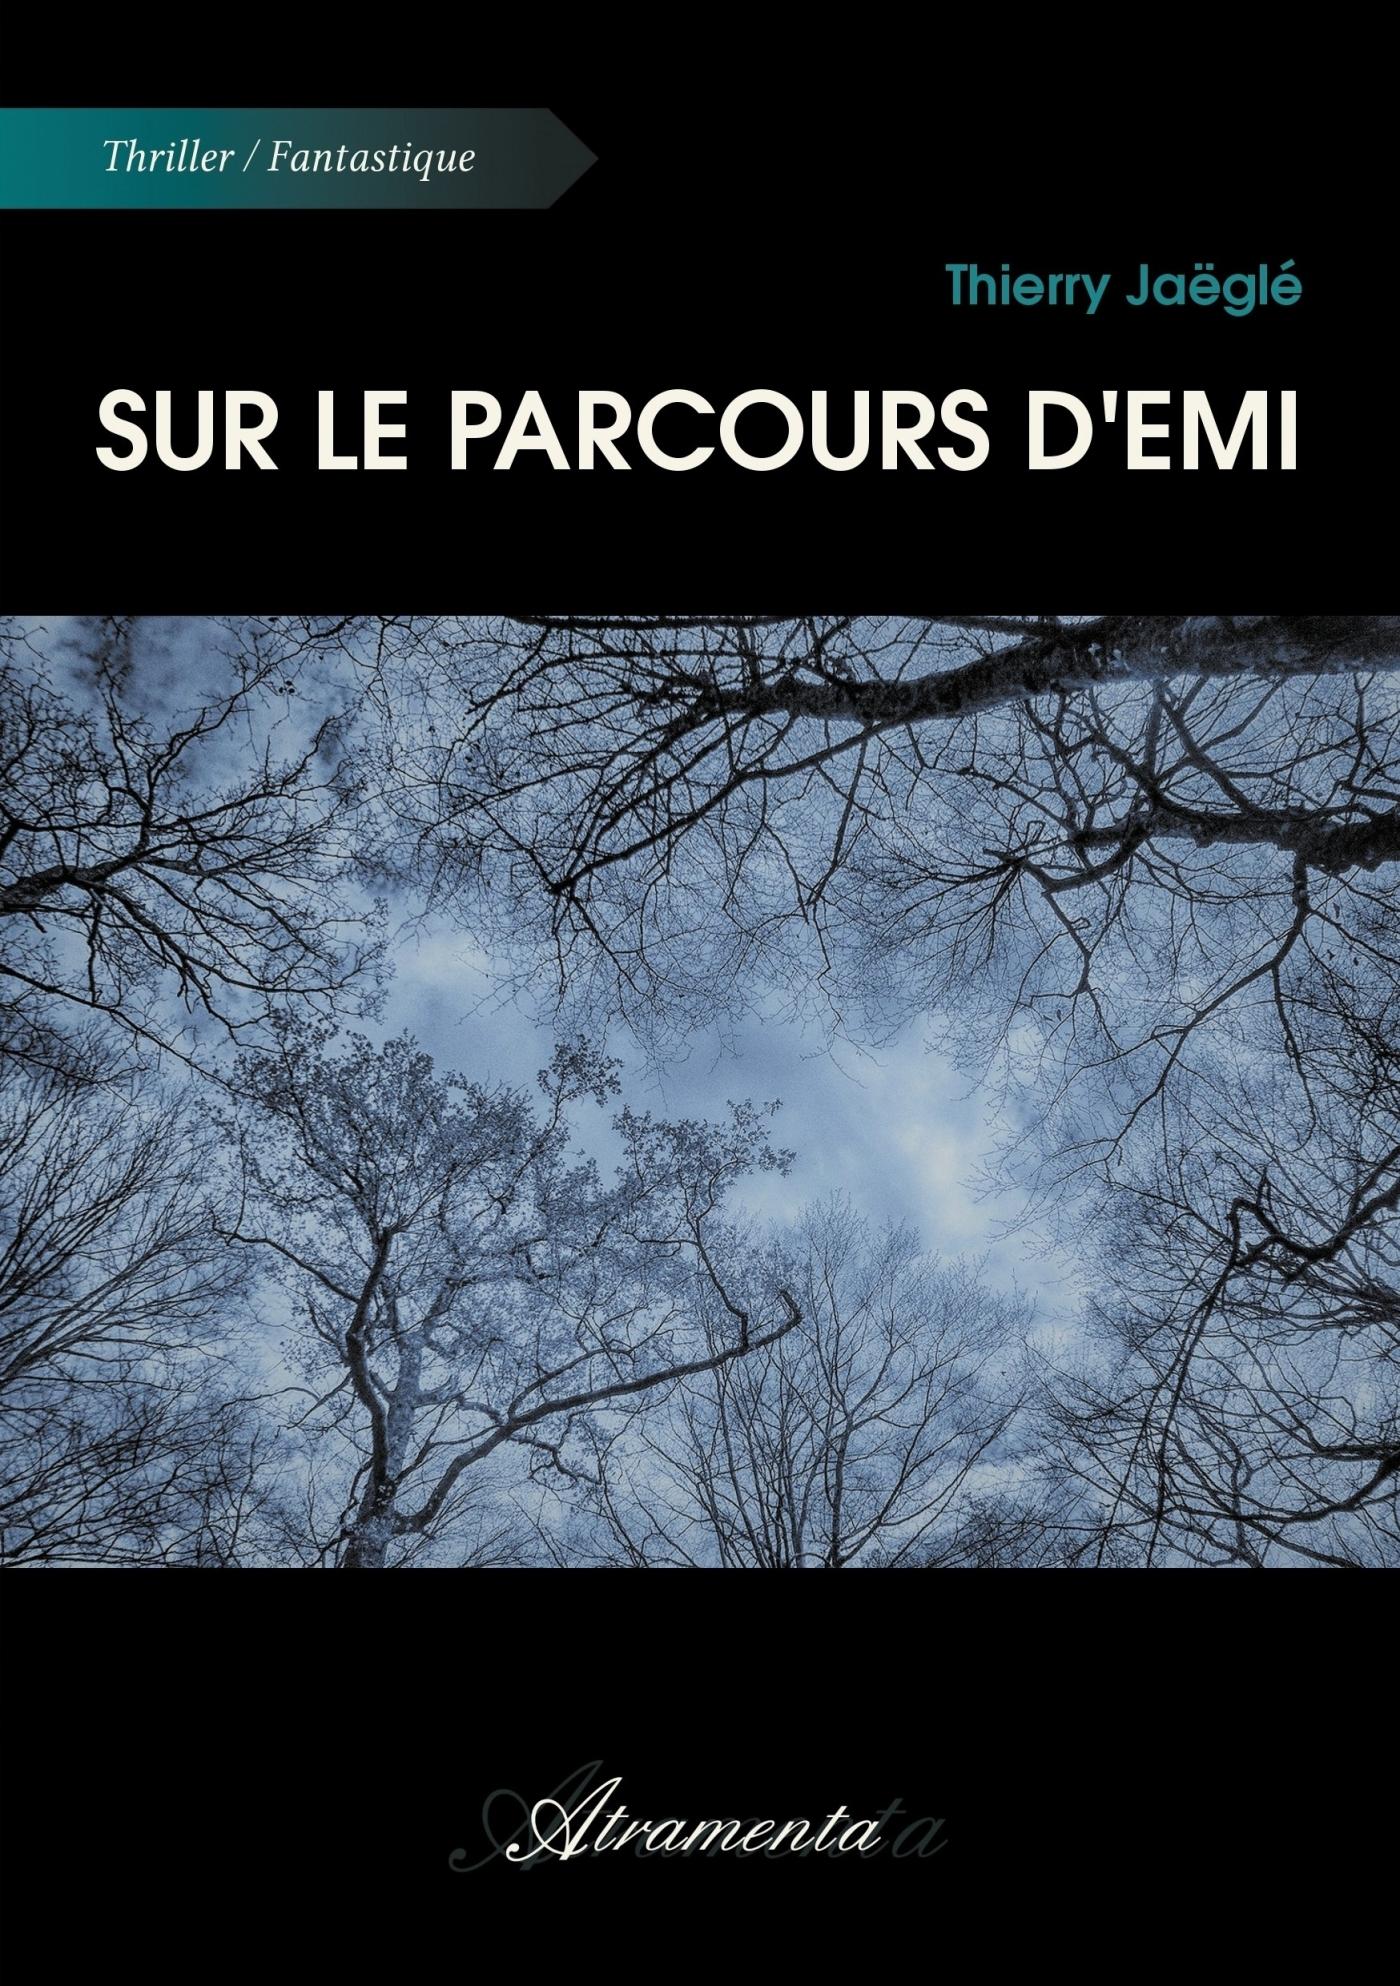 SUR LE PARCOURS D'EMI